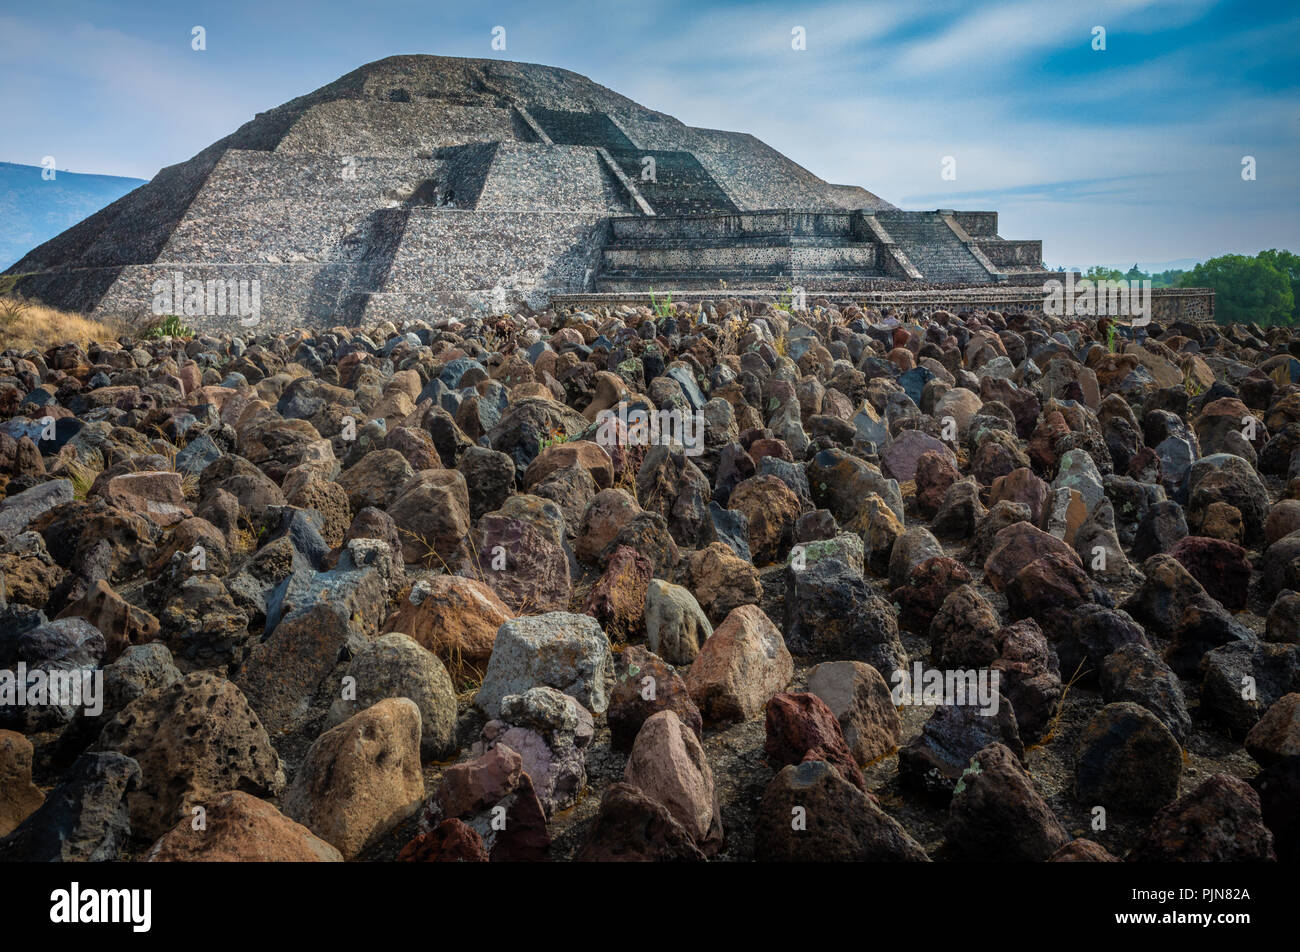 Die Pyramide des Mondes ist die zweite größte Pyramide im heutigen San Juan Teotihuacán, Mexiko, nach der Pyramide der Sonne. Stockbild